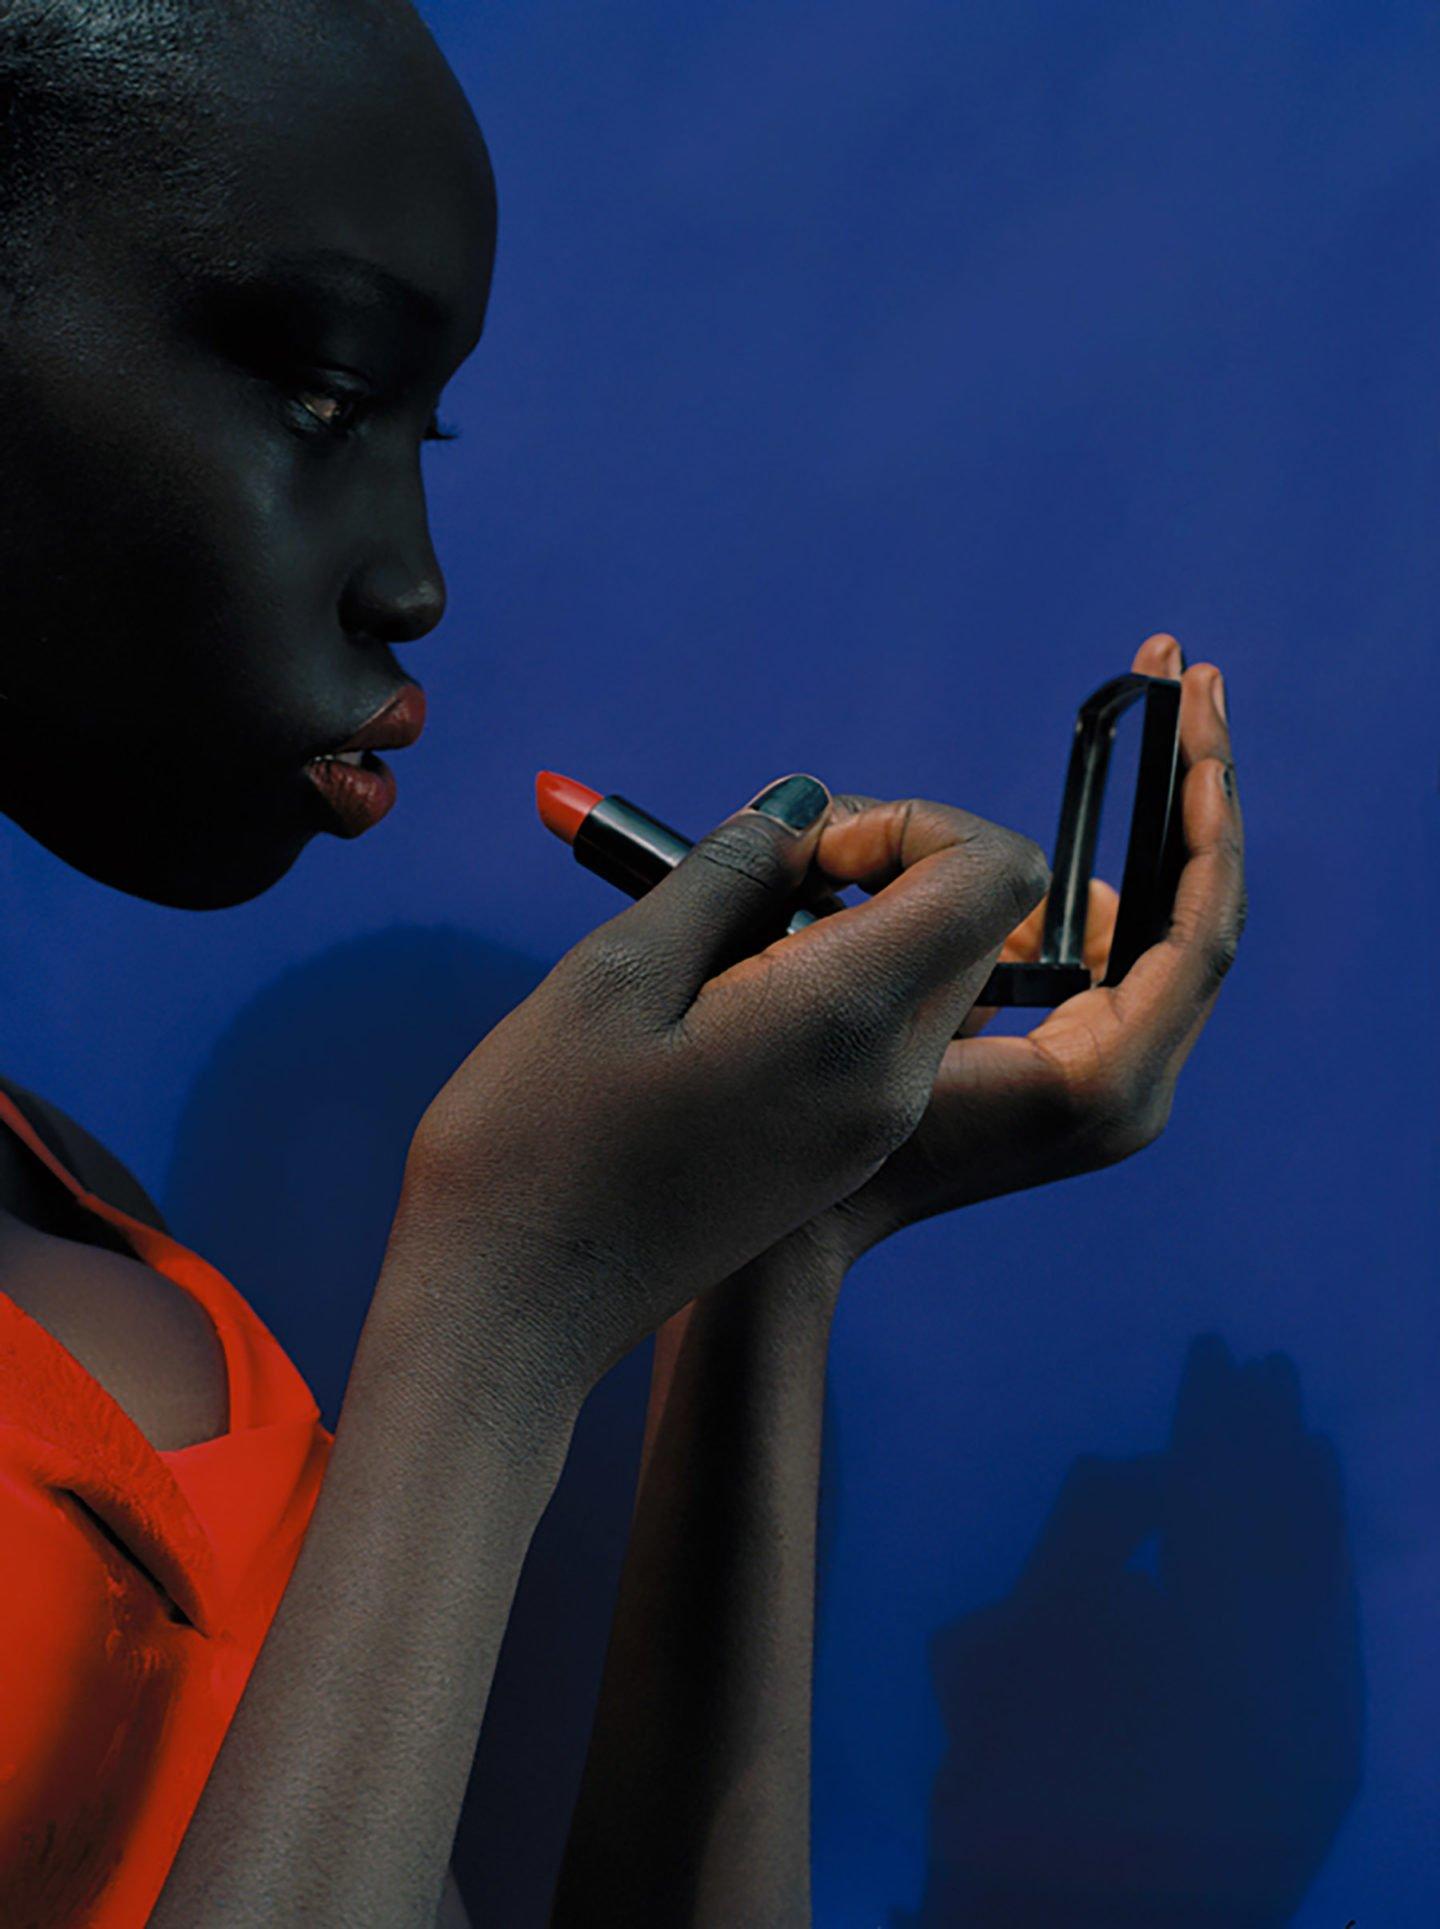 iGNANT-Photography-Mathilde-Agius-01